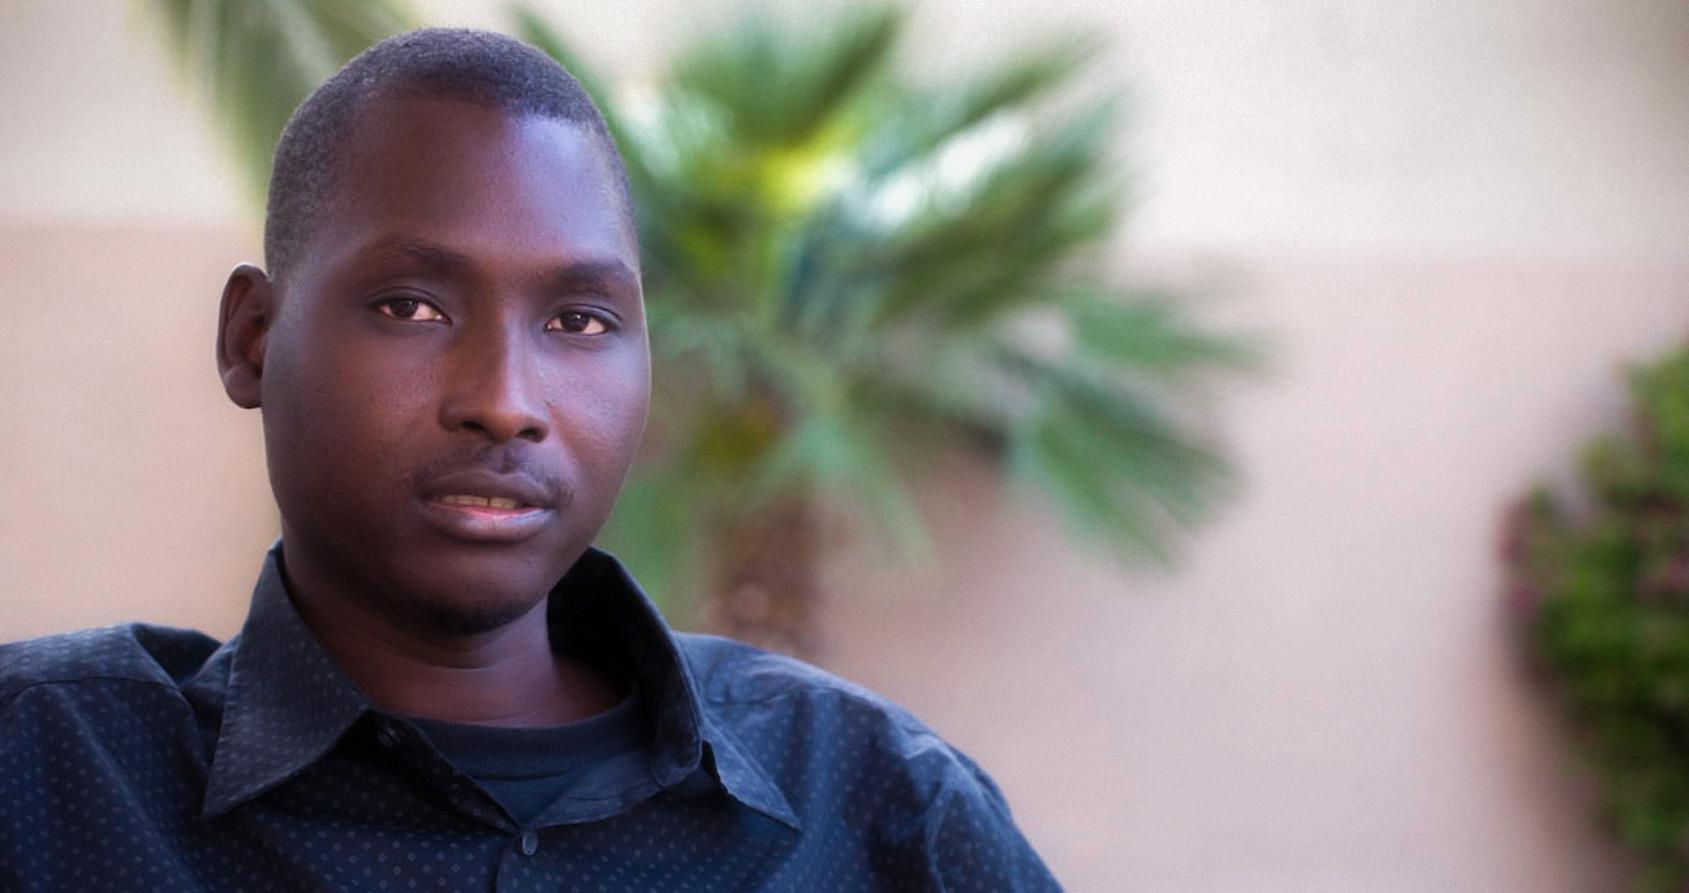 Soudan adolescent sexe Royaume-Uni coeurs porno